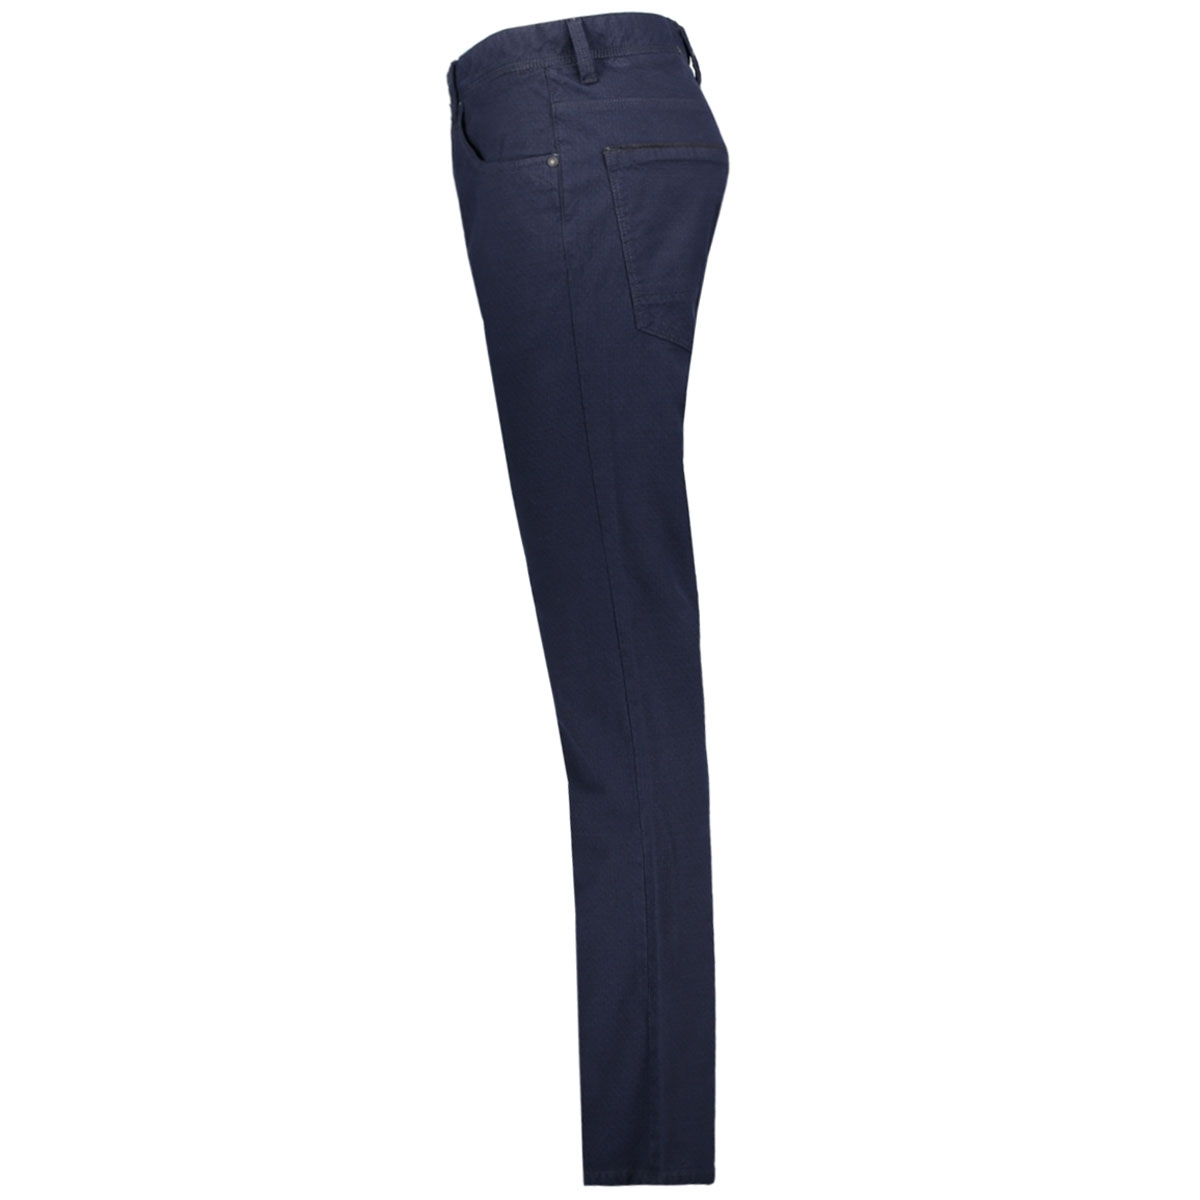 vtr177520 v7 rider vanguard jeans 5350